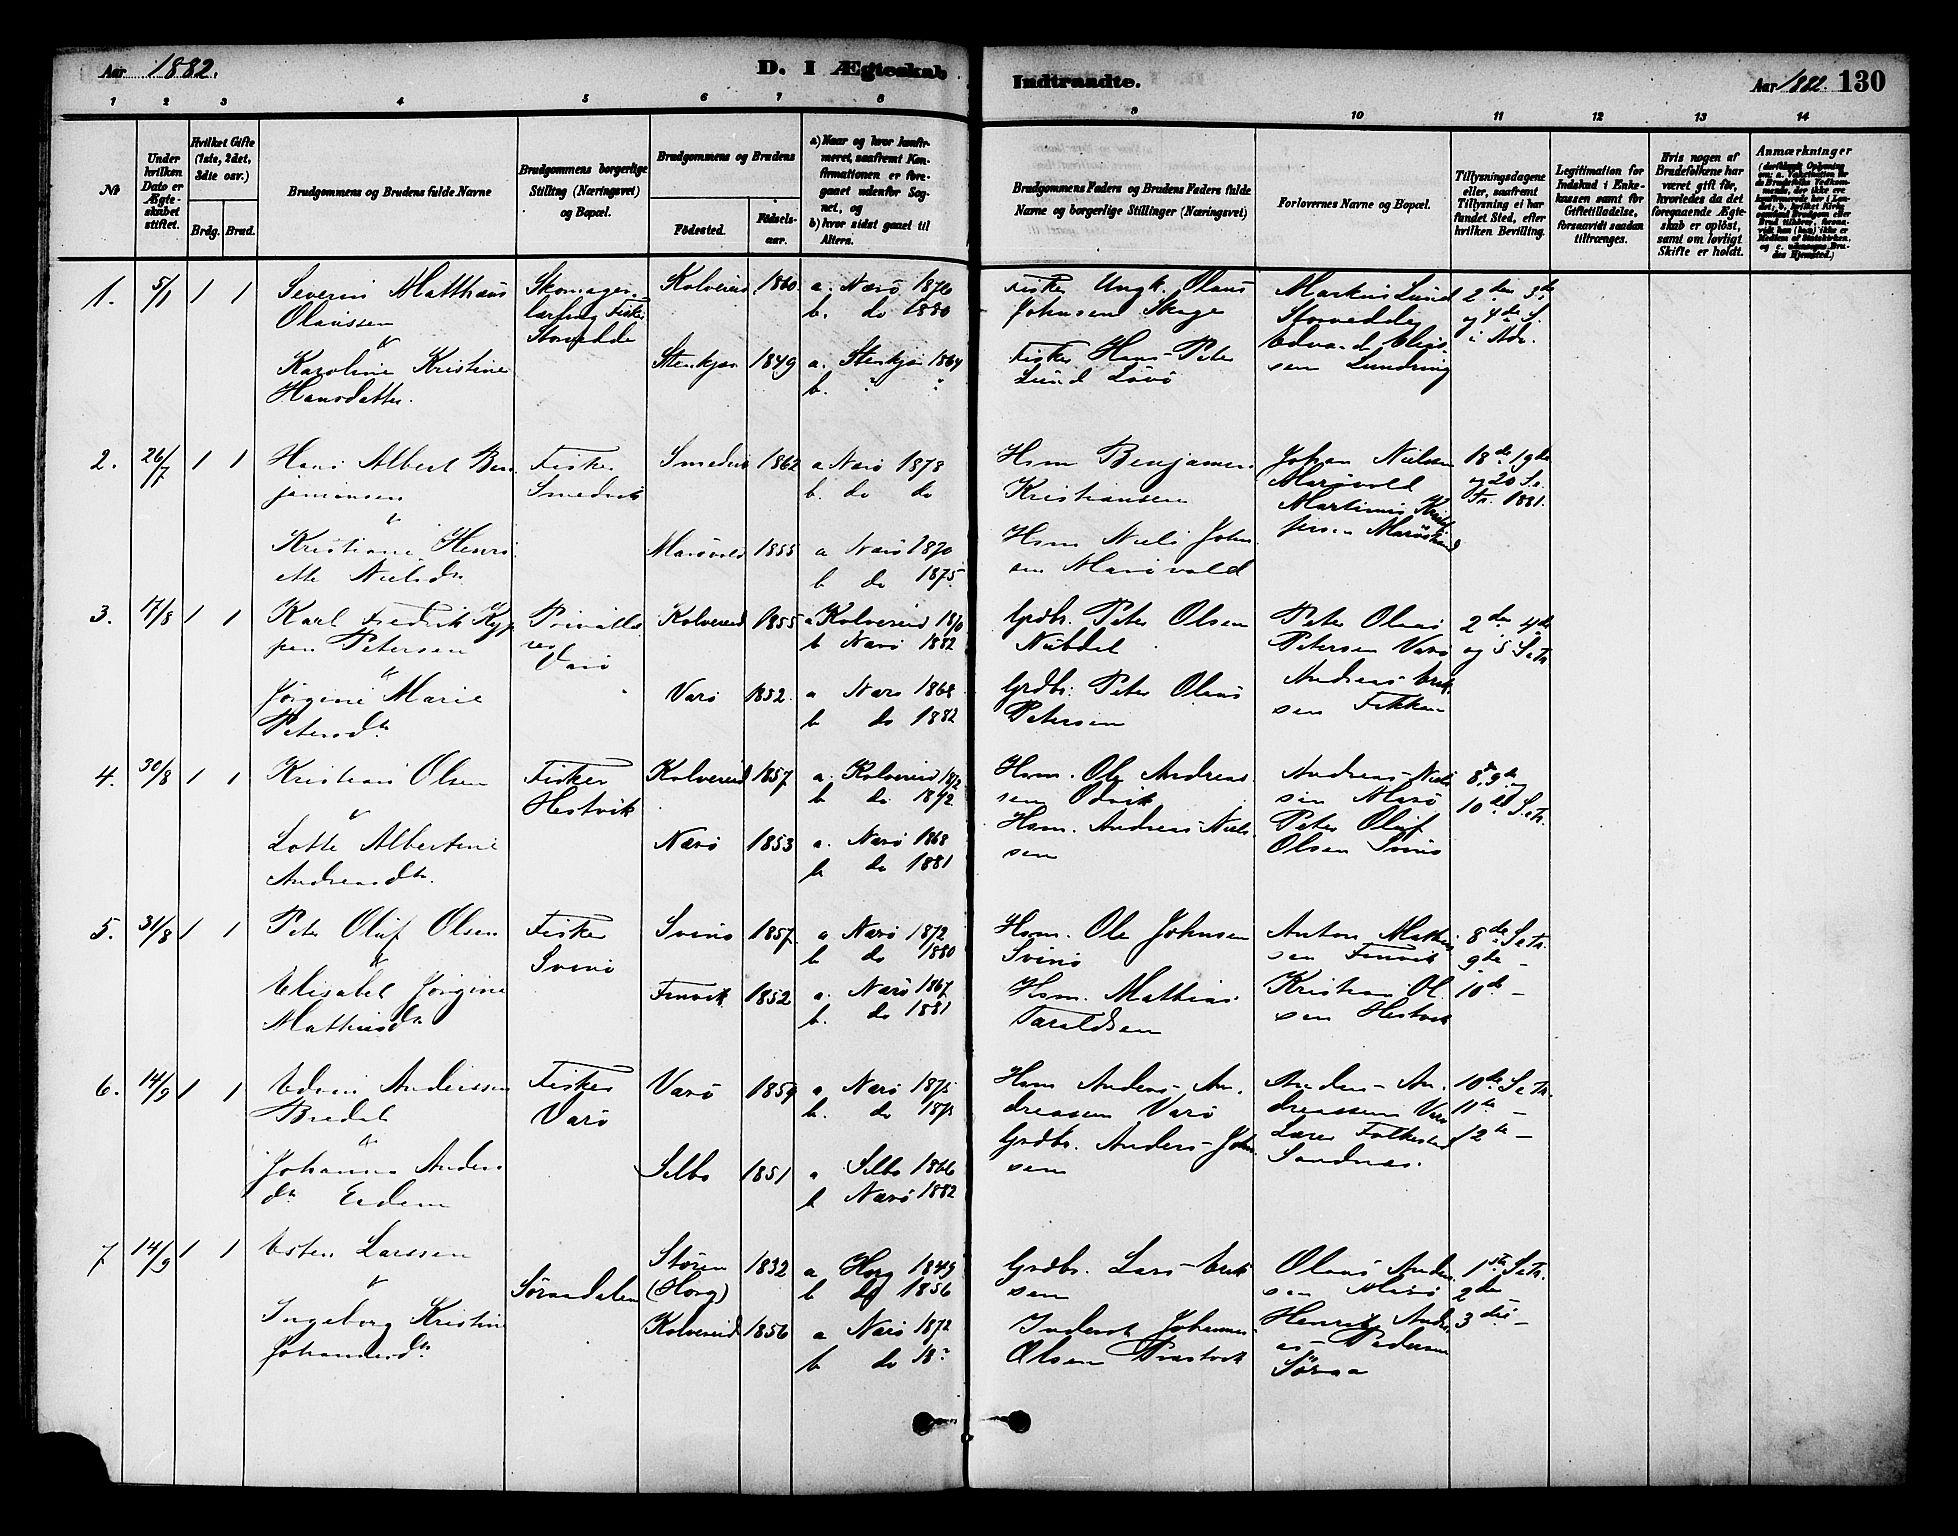 SAT, Ministerialprotokoller, klokkerbøker og fødselsregistre - Nord-Trøndelag, 784/L0672: Ministerialbok nr. 784A07, 1880-1887, s. 130